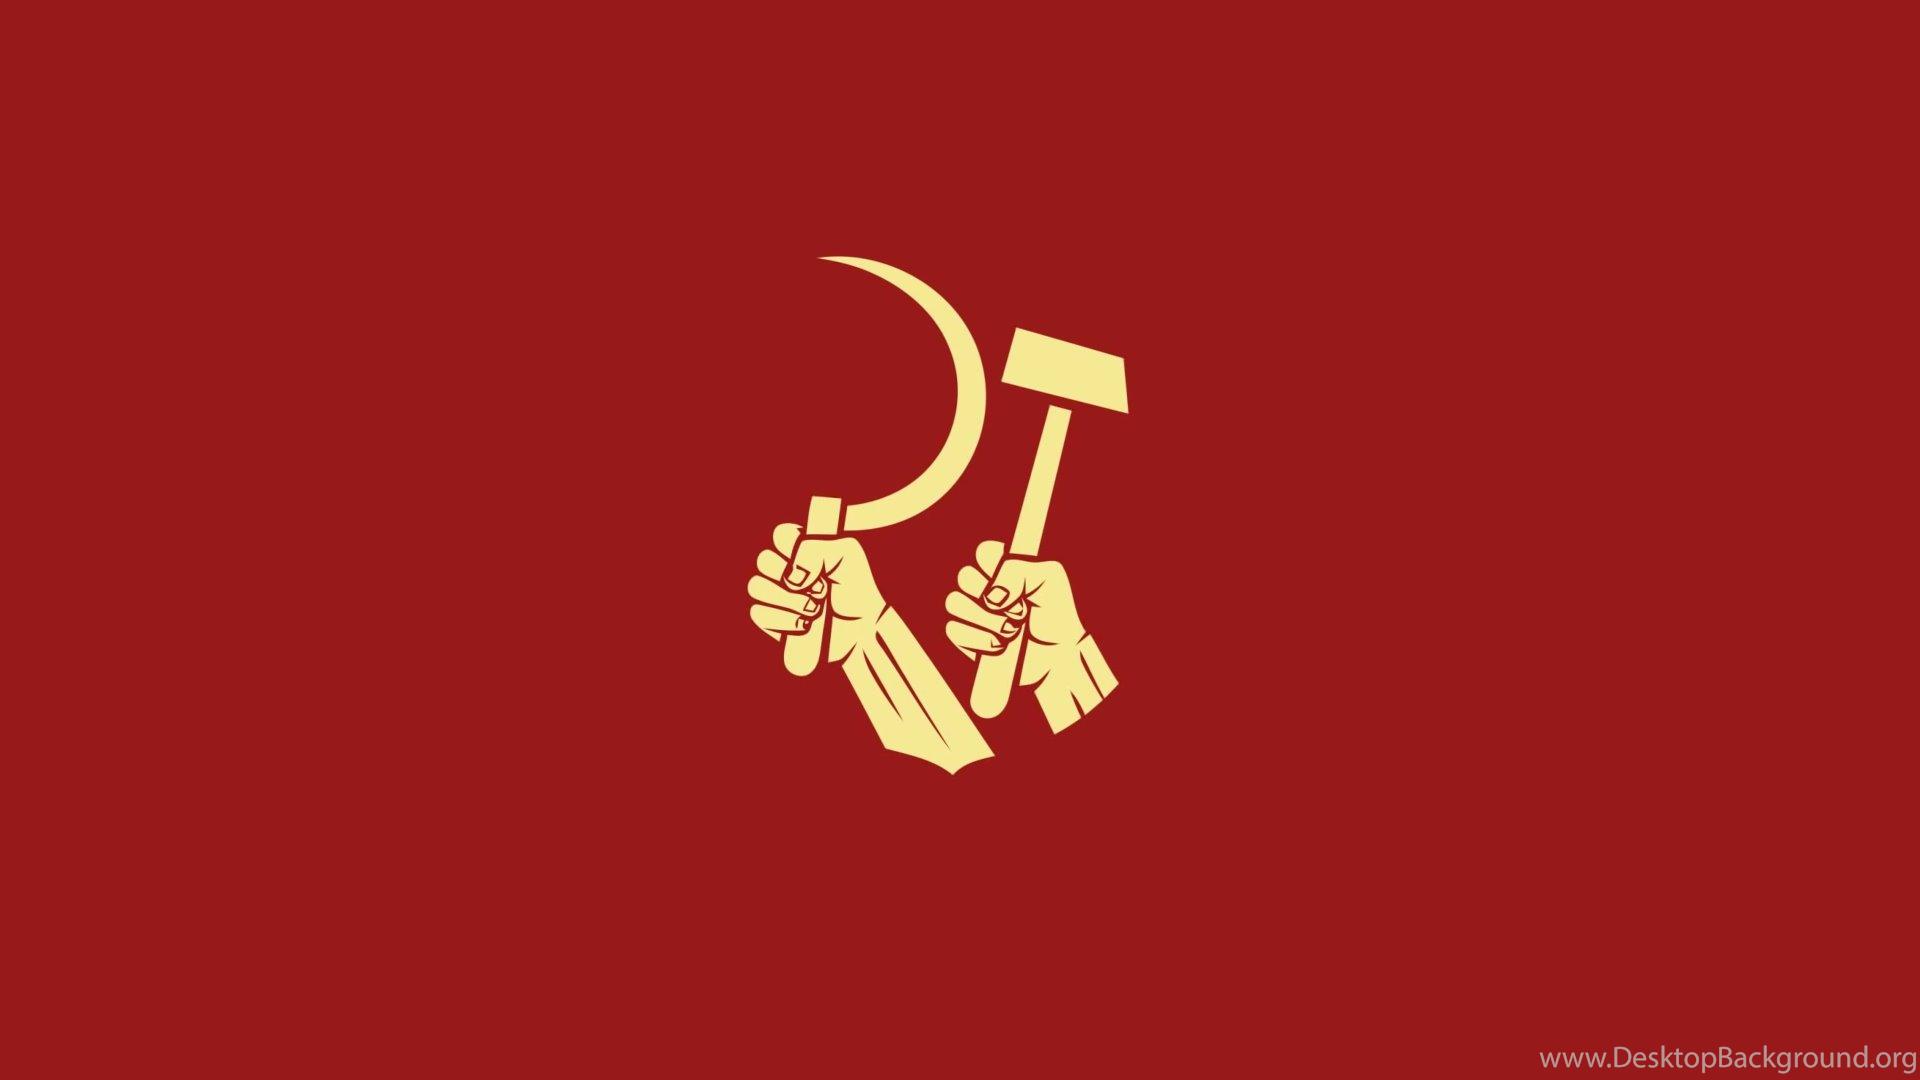 Made A Wallpapers X Post Rcommunism Fullcommunism Desktop